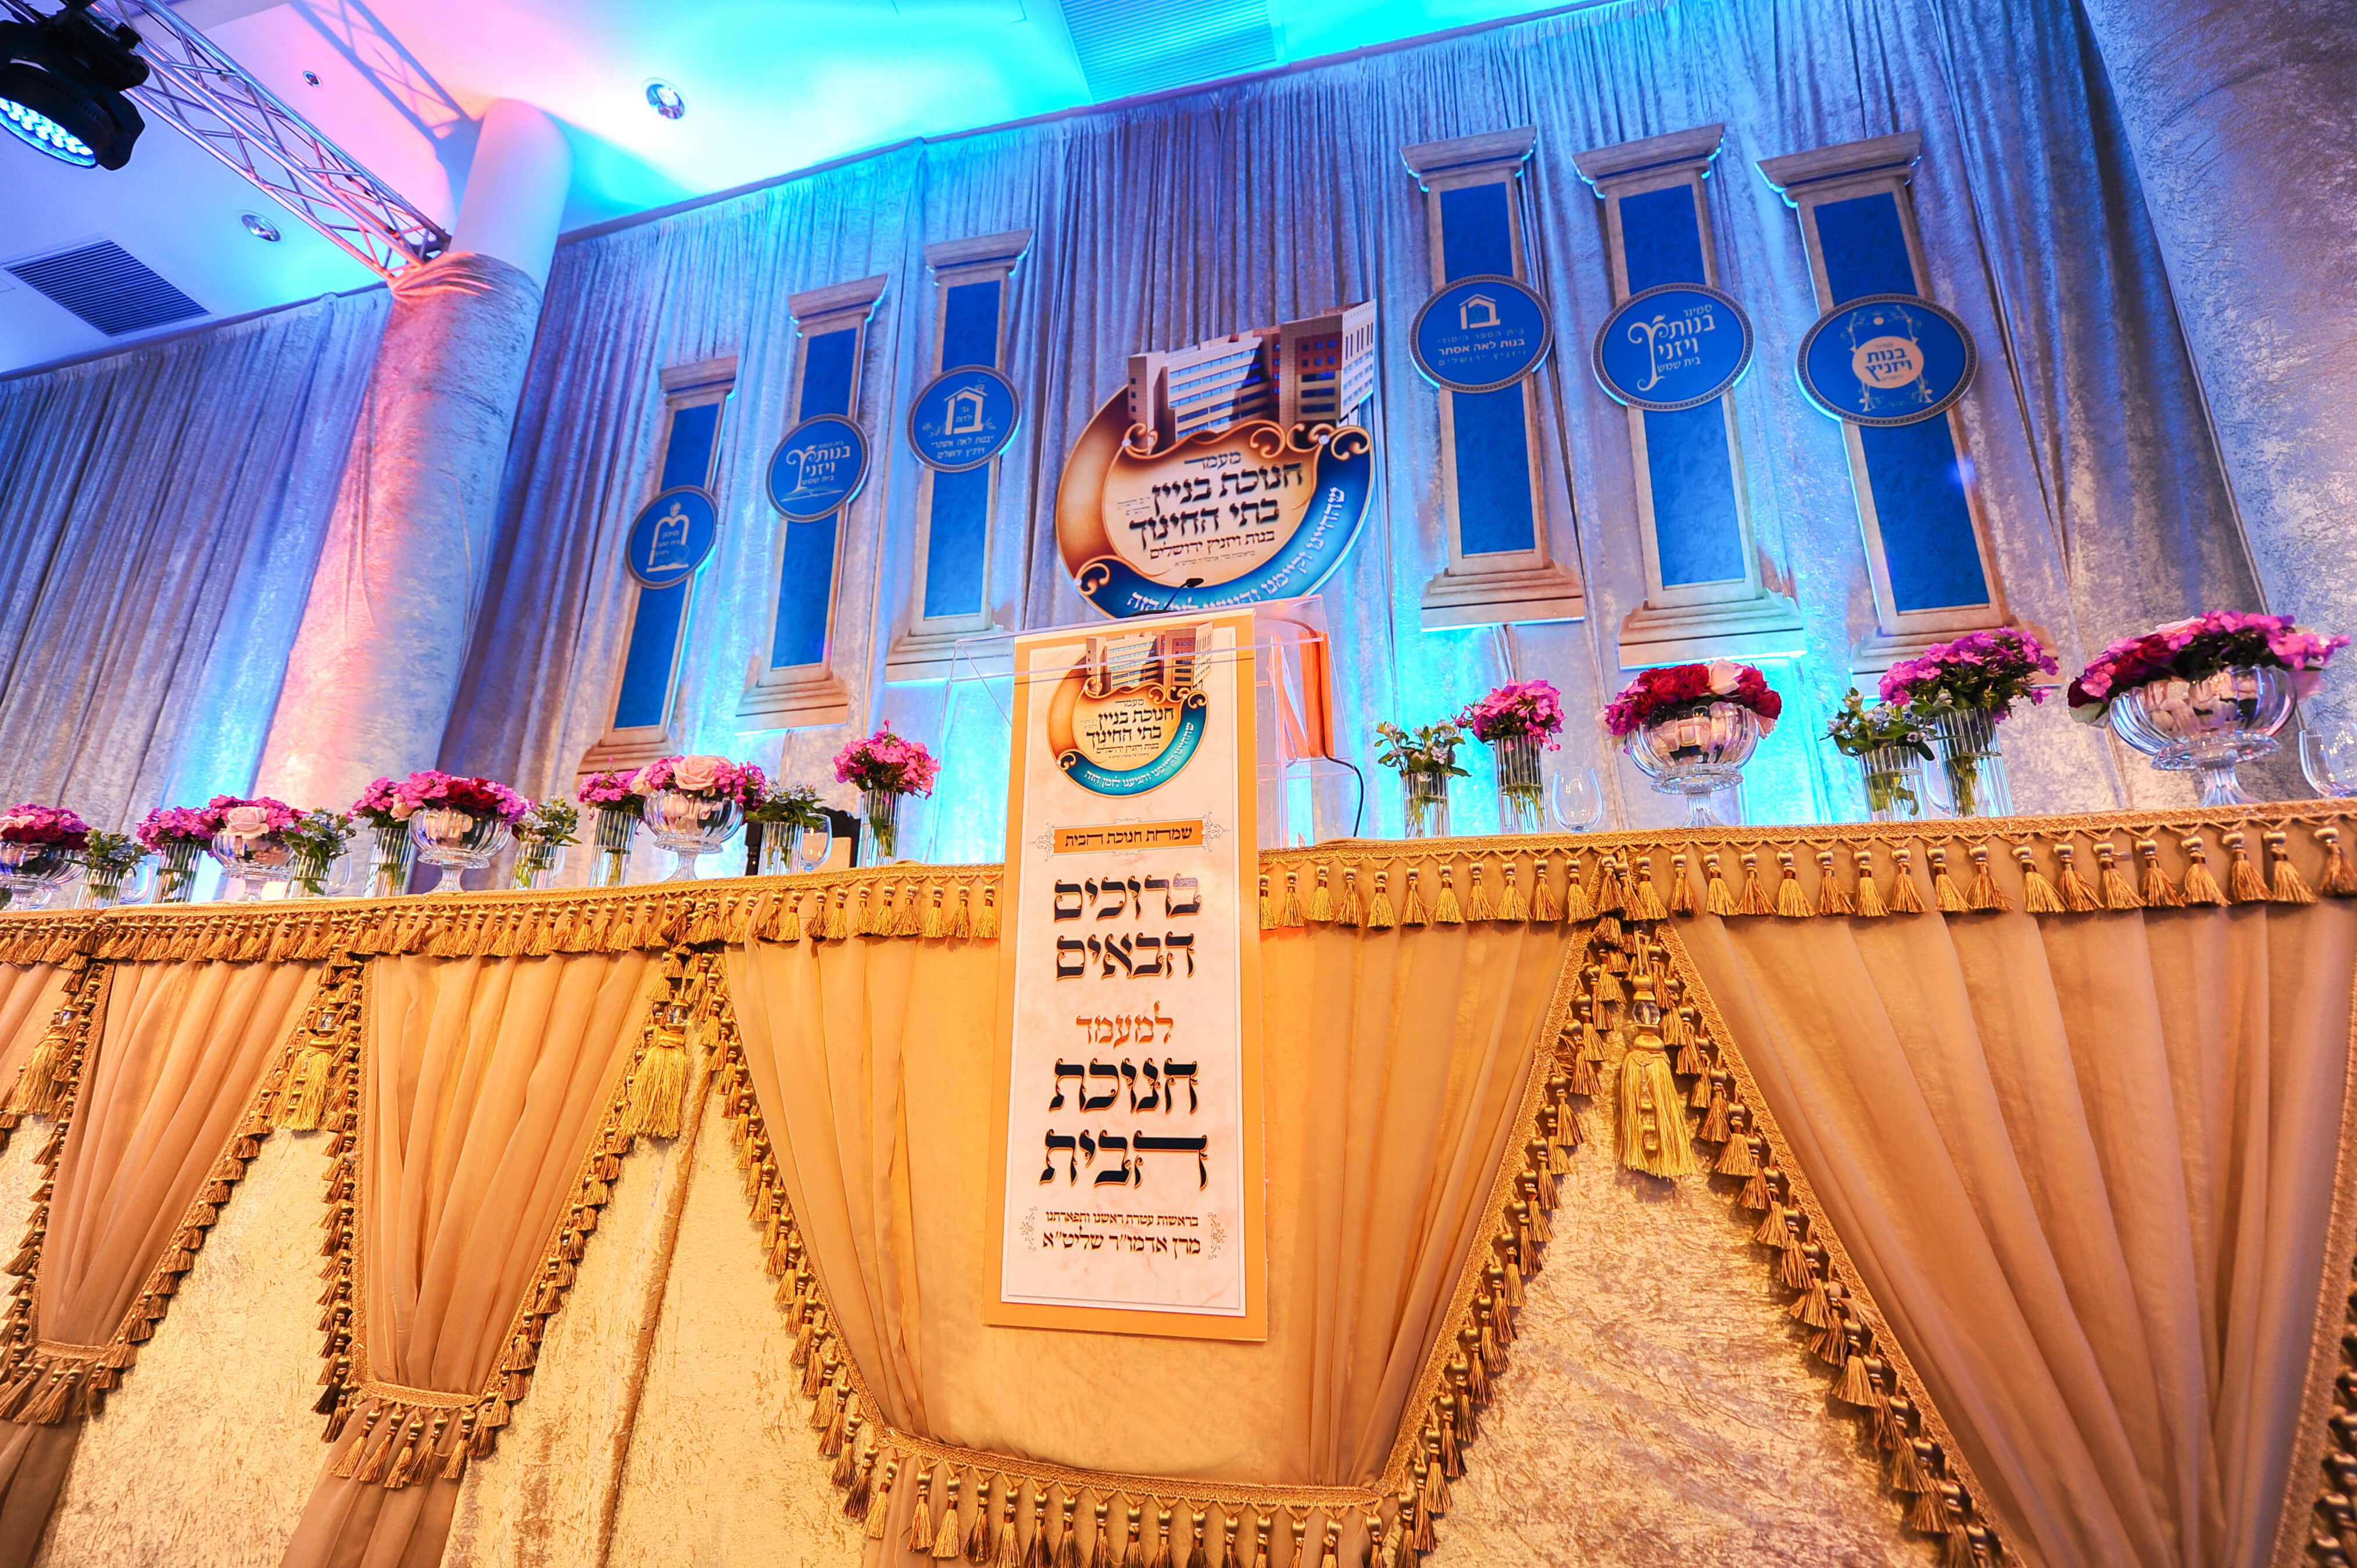 חנוכת הבית בנין בית הספר ויזניץ ירושלים (12)